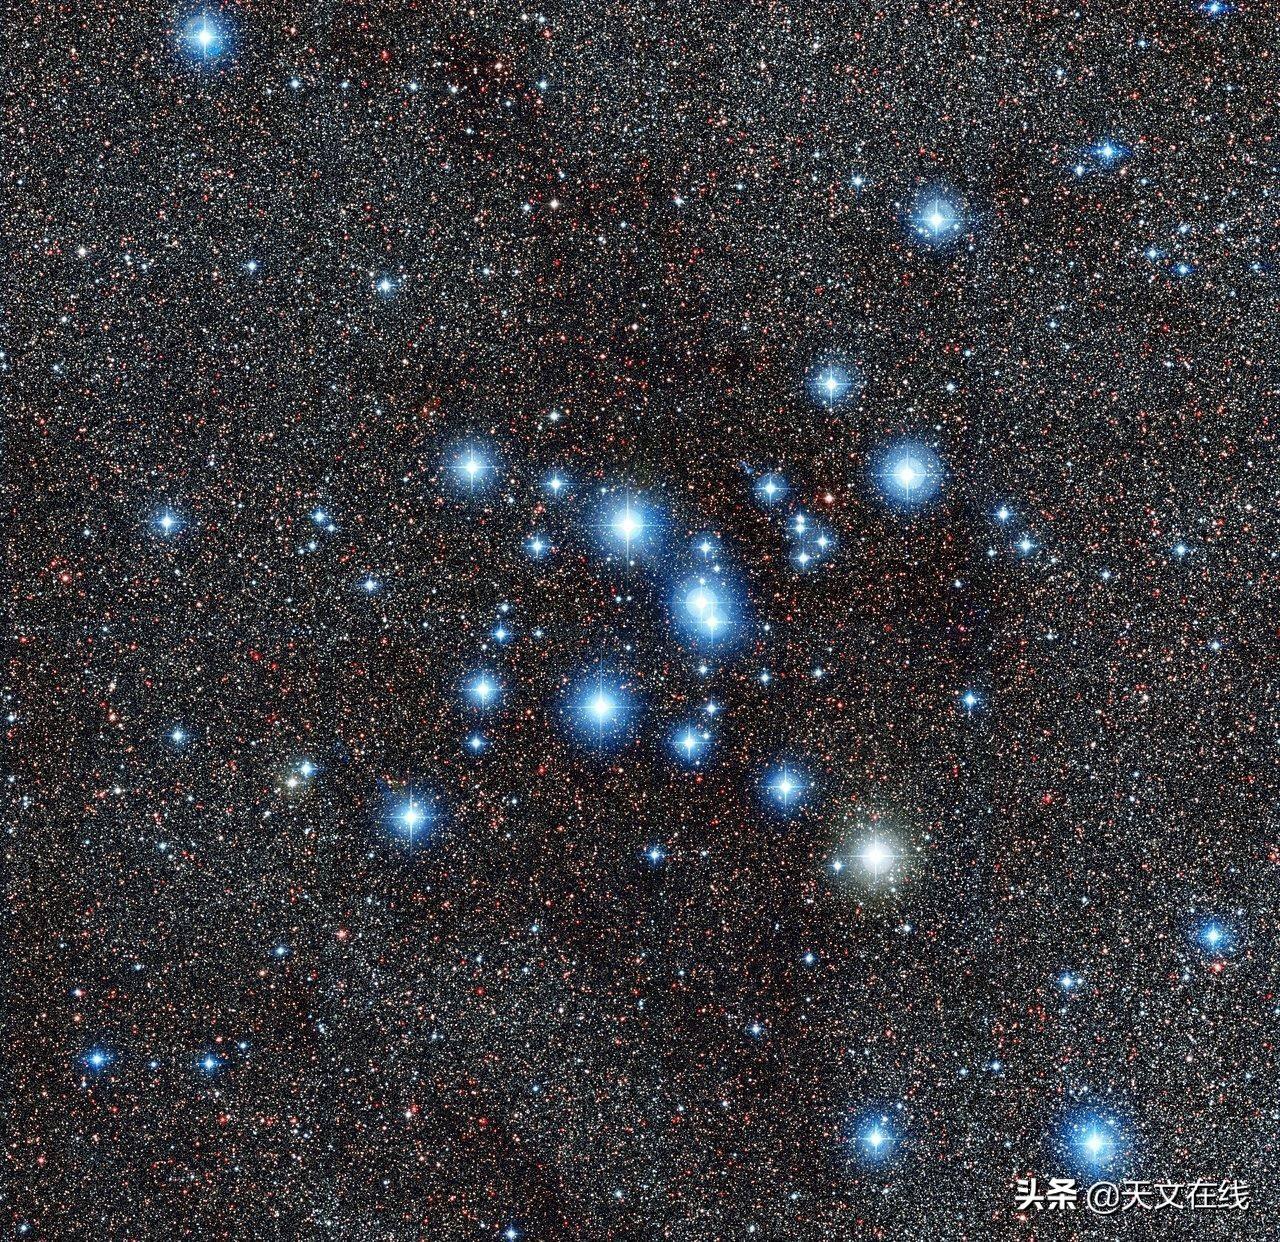 6张欧洲南方天文台拍摄的高清美图,带你领略宇宙之美